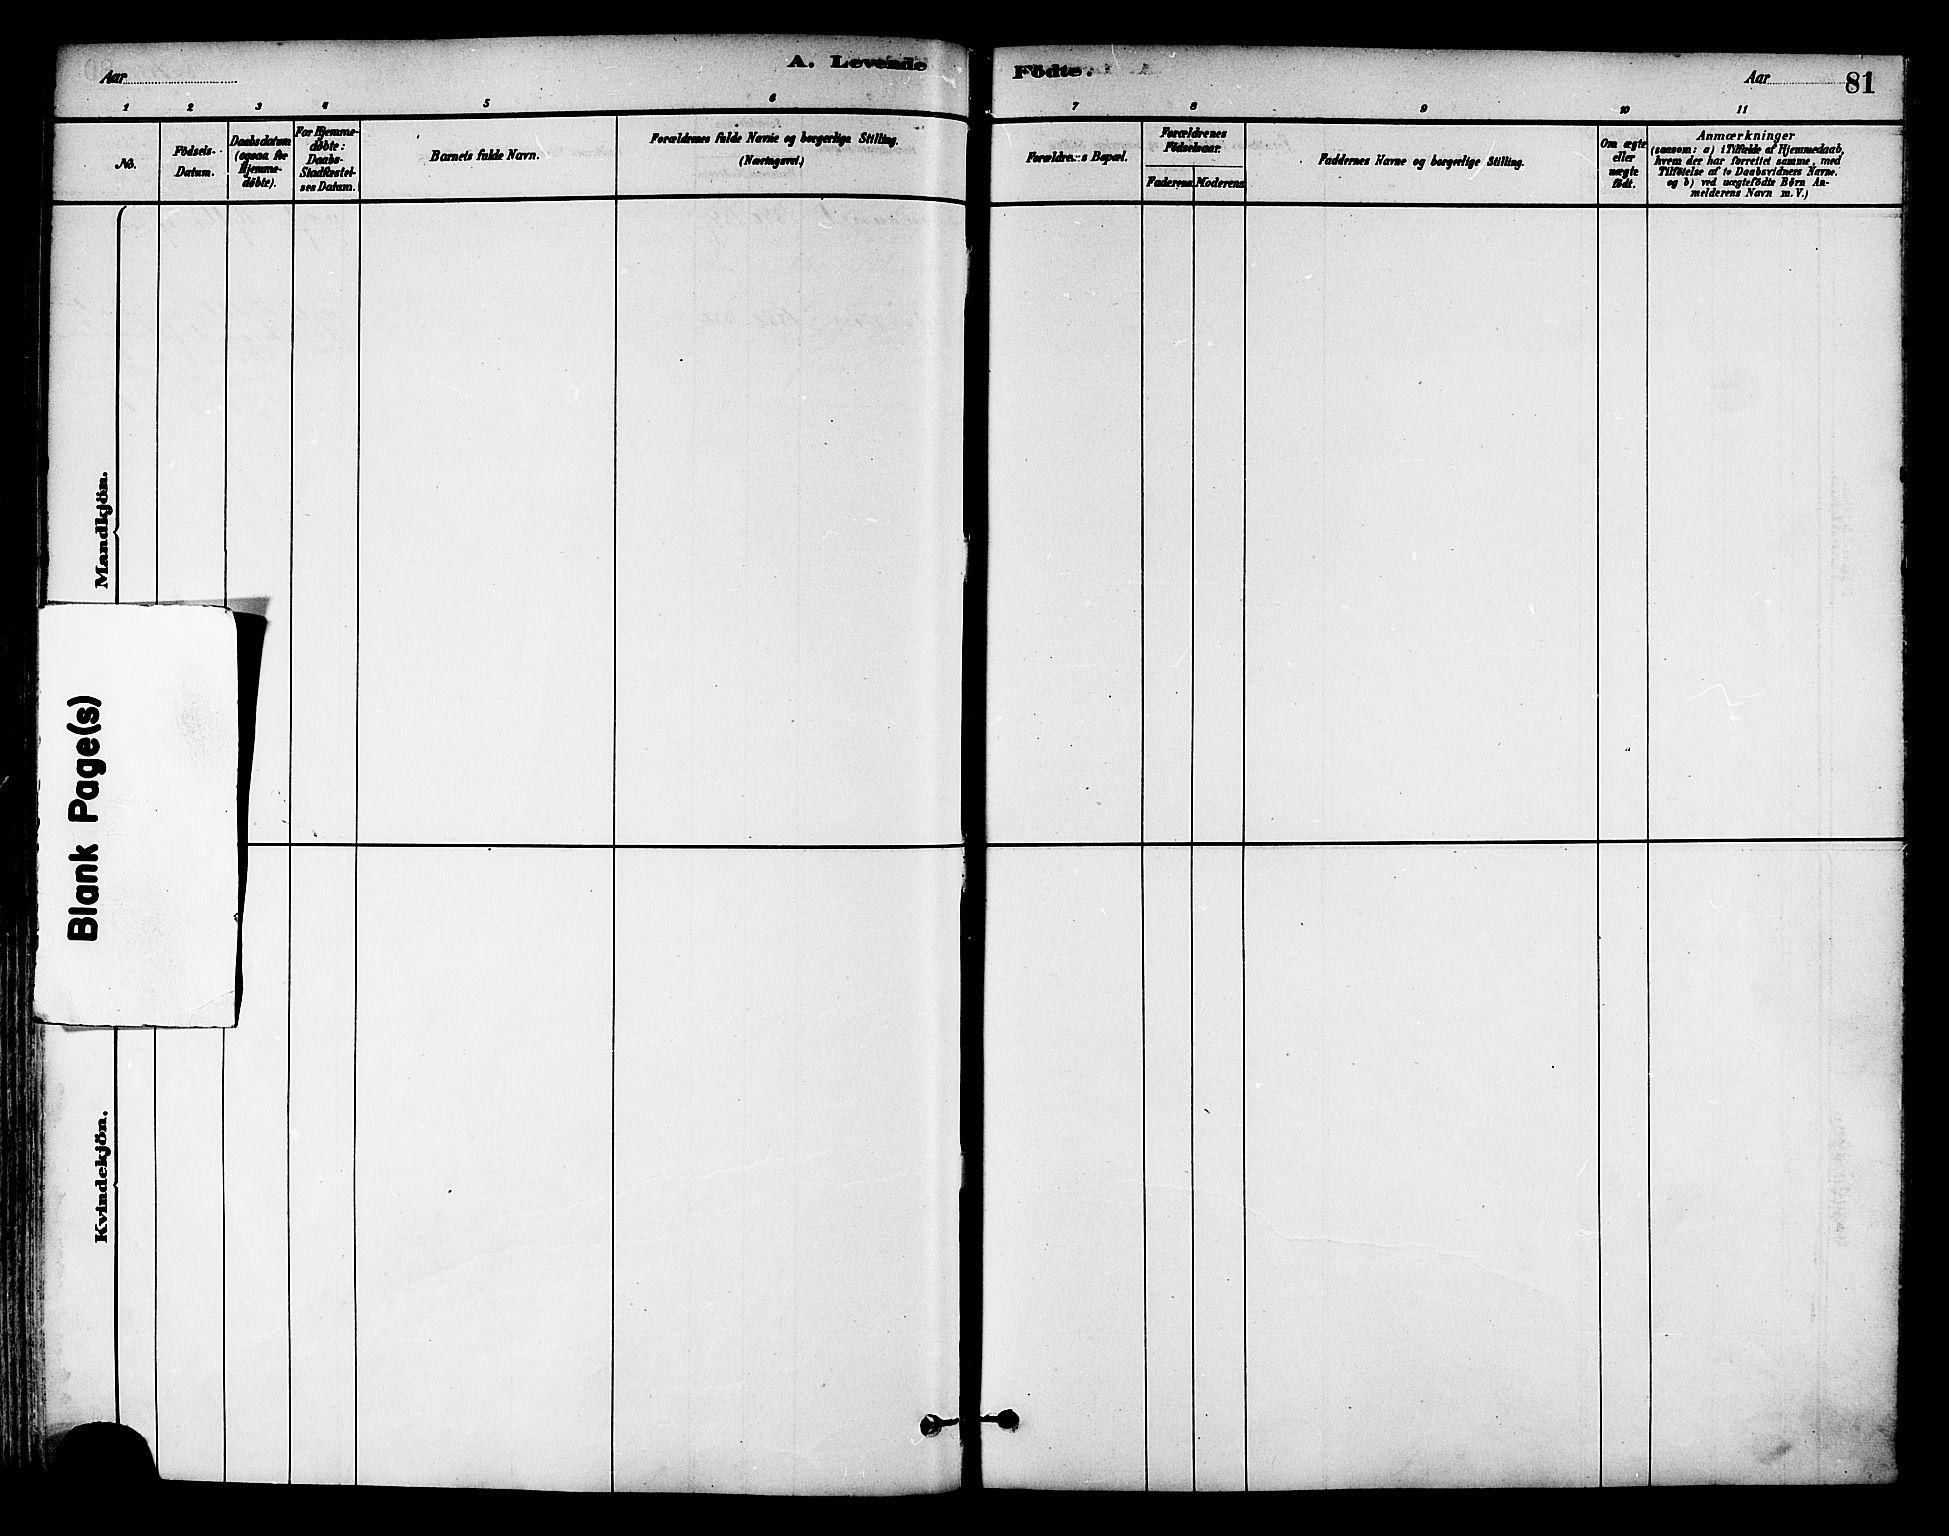 SAT, Ministerialprotokoller, klokkerbøker og fødselsregistre - Nord-Trøndelag, 786/L0686: Ministerialbok nr. 786A02, 1880-1887, s. 81